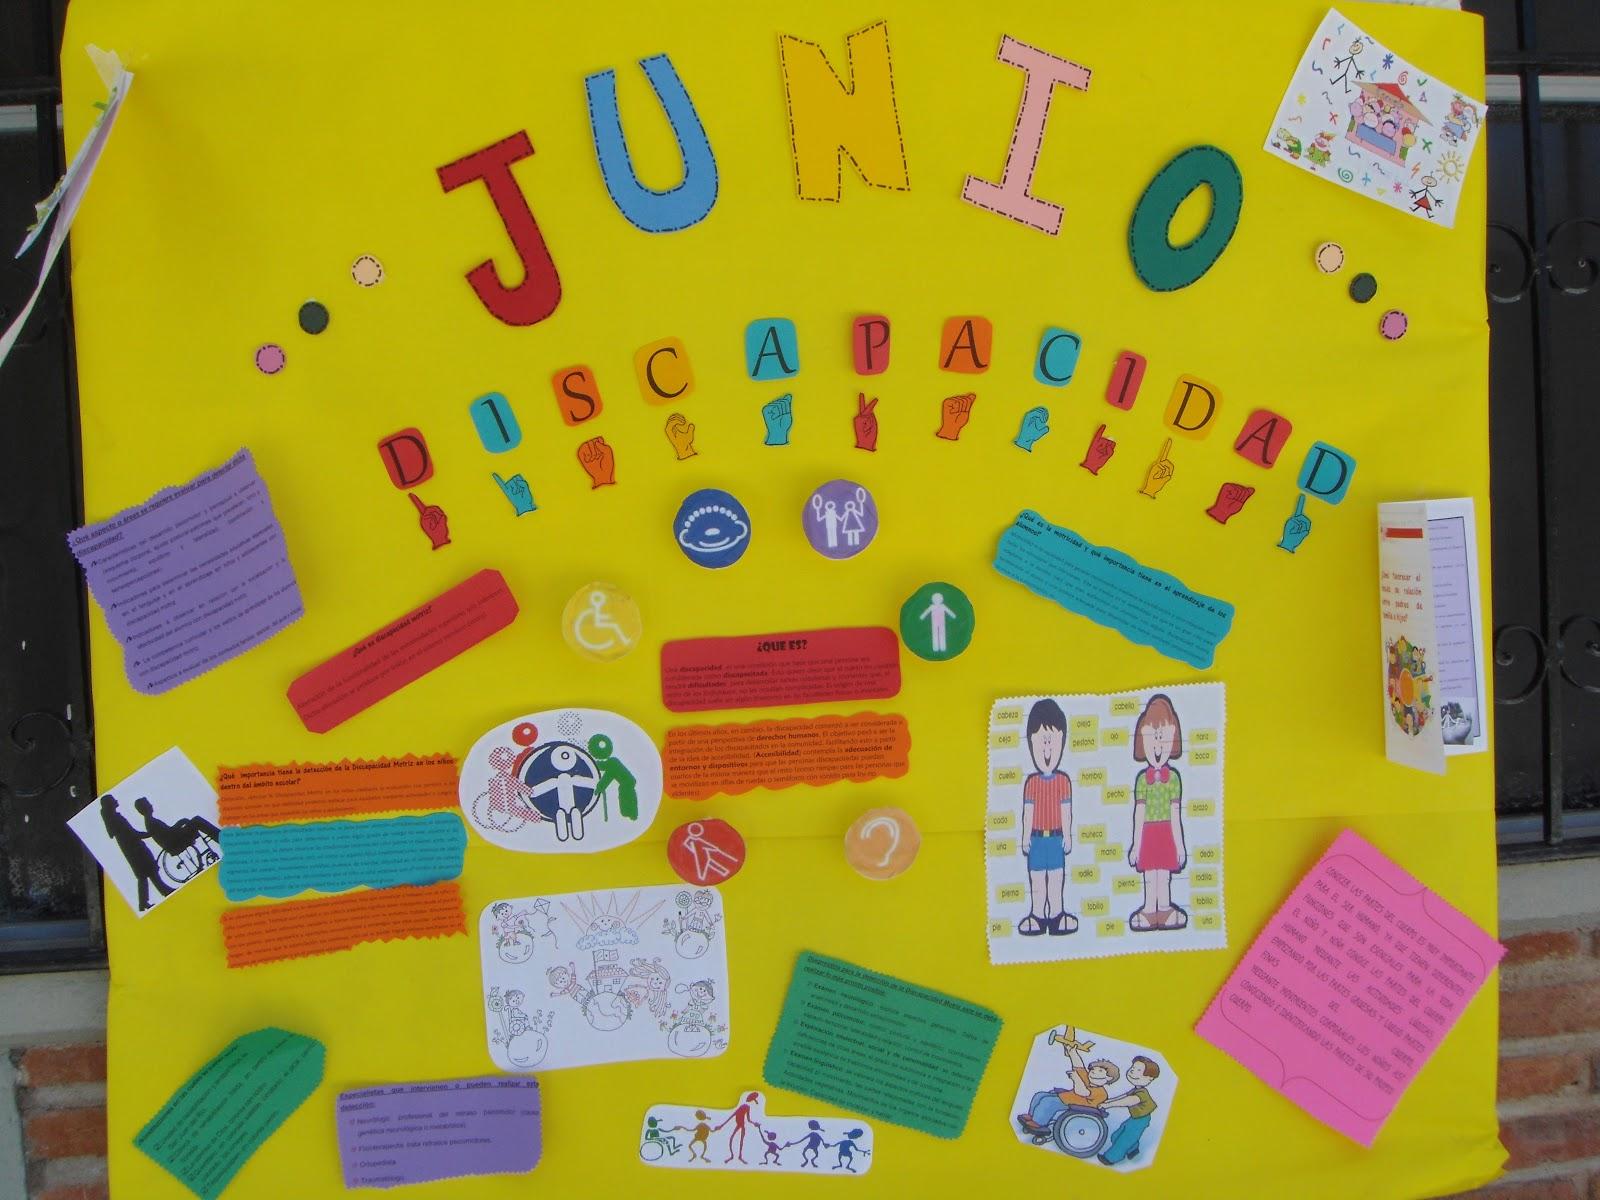 Peri dico mural mes de junio 12 imagenes educativas for El periodico mural